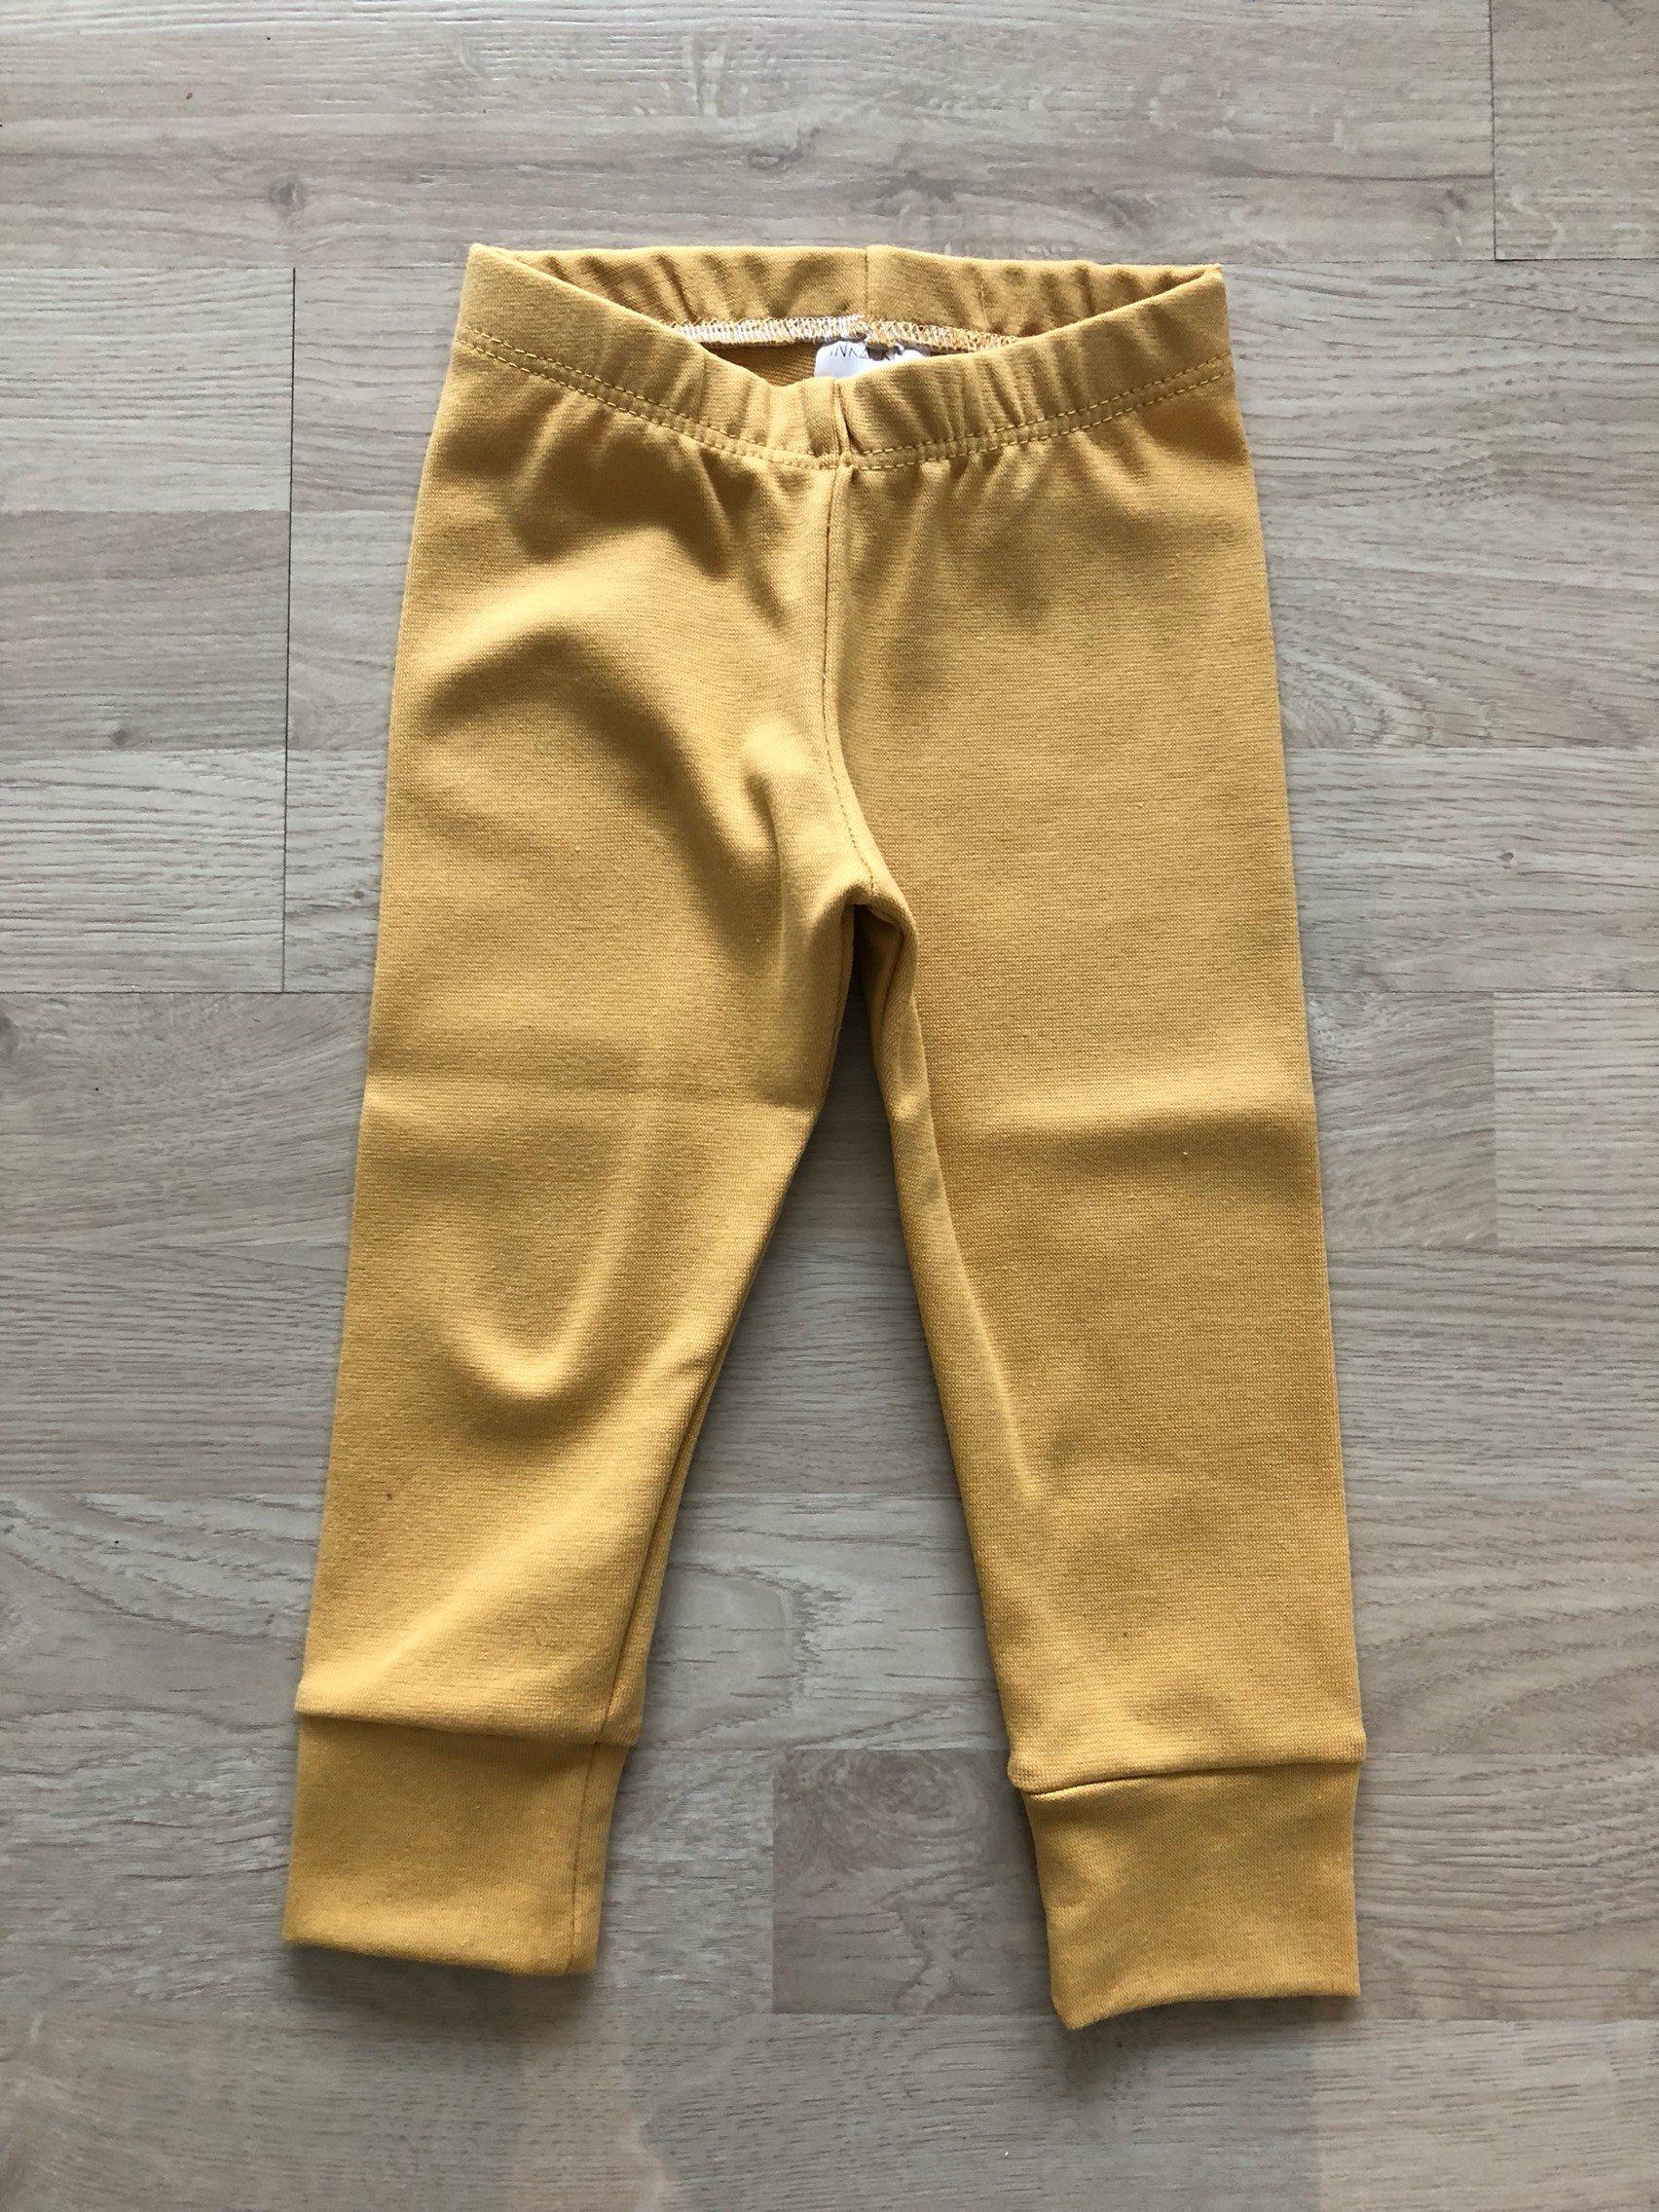 RIBB gold  leggings